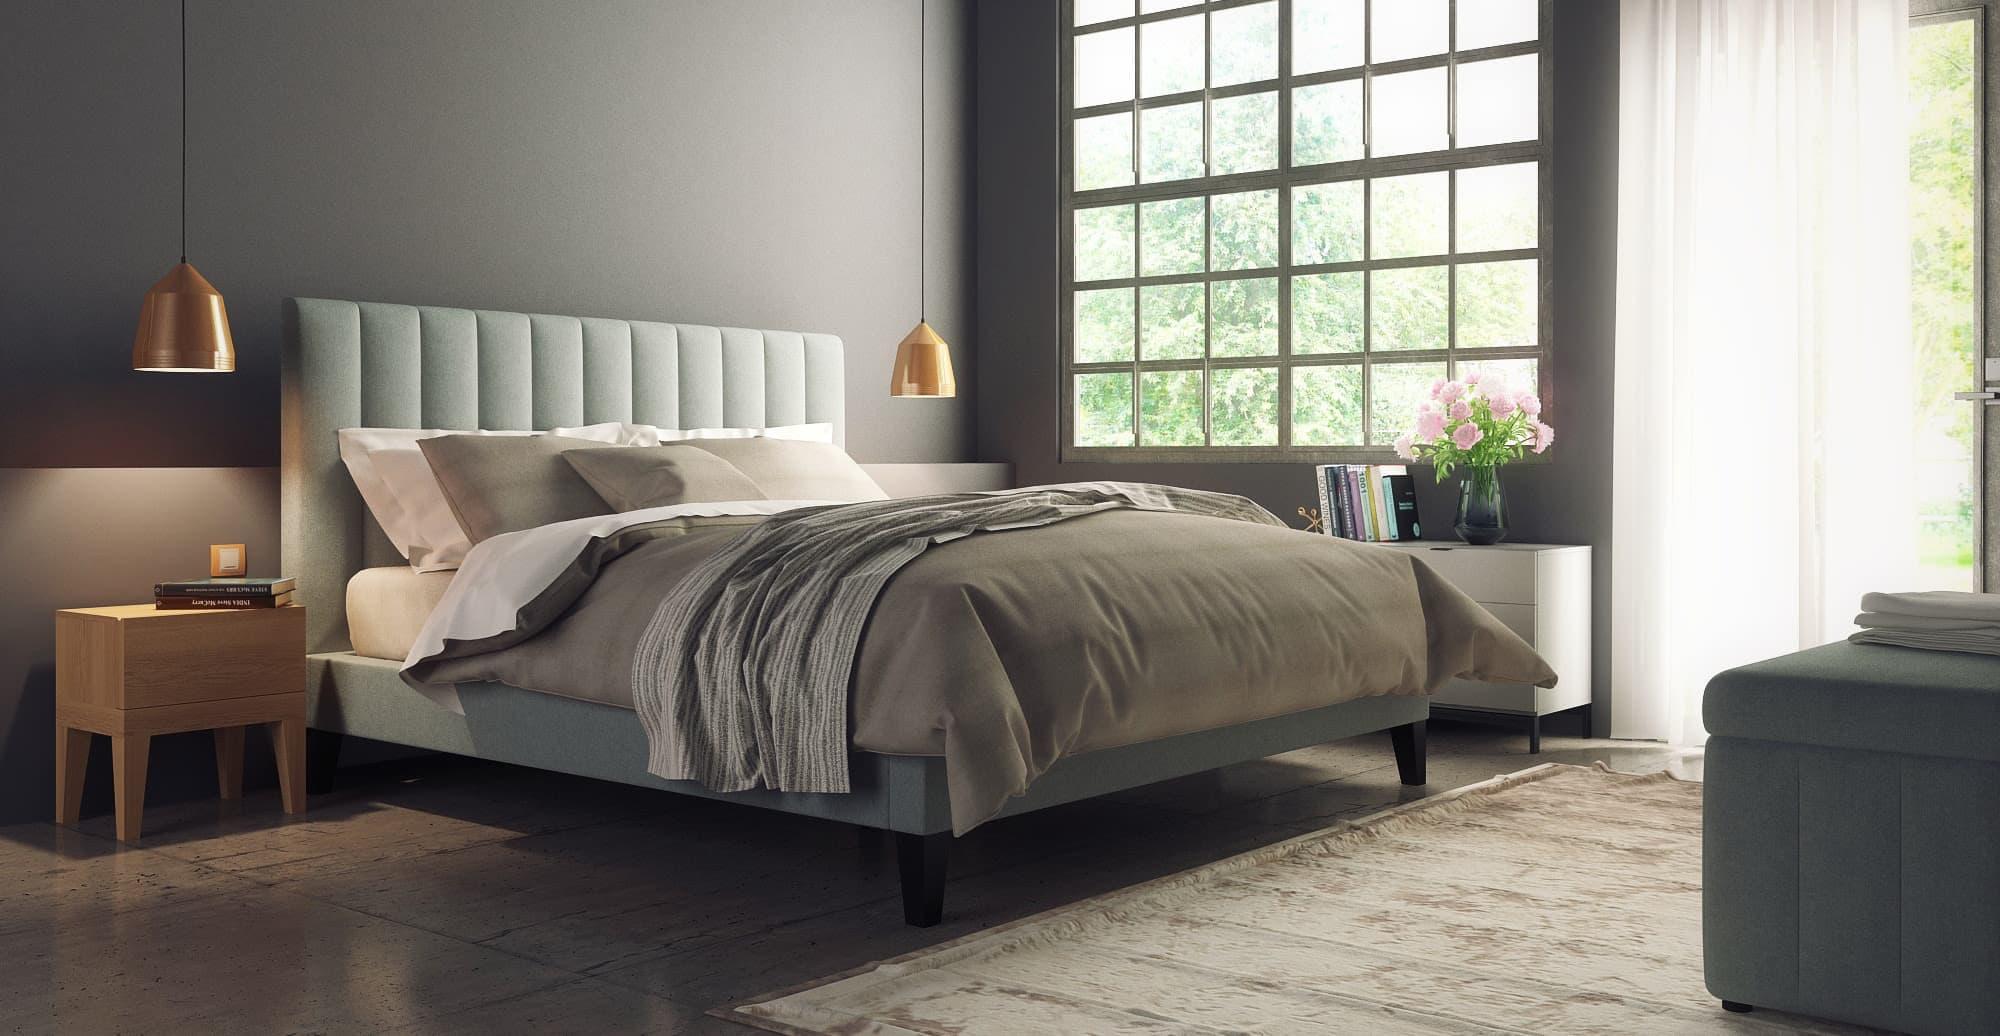 megan-queen-size-bed-frame-sophisticated-master-bedroom-design